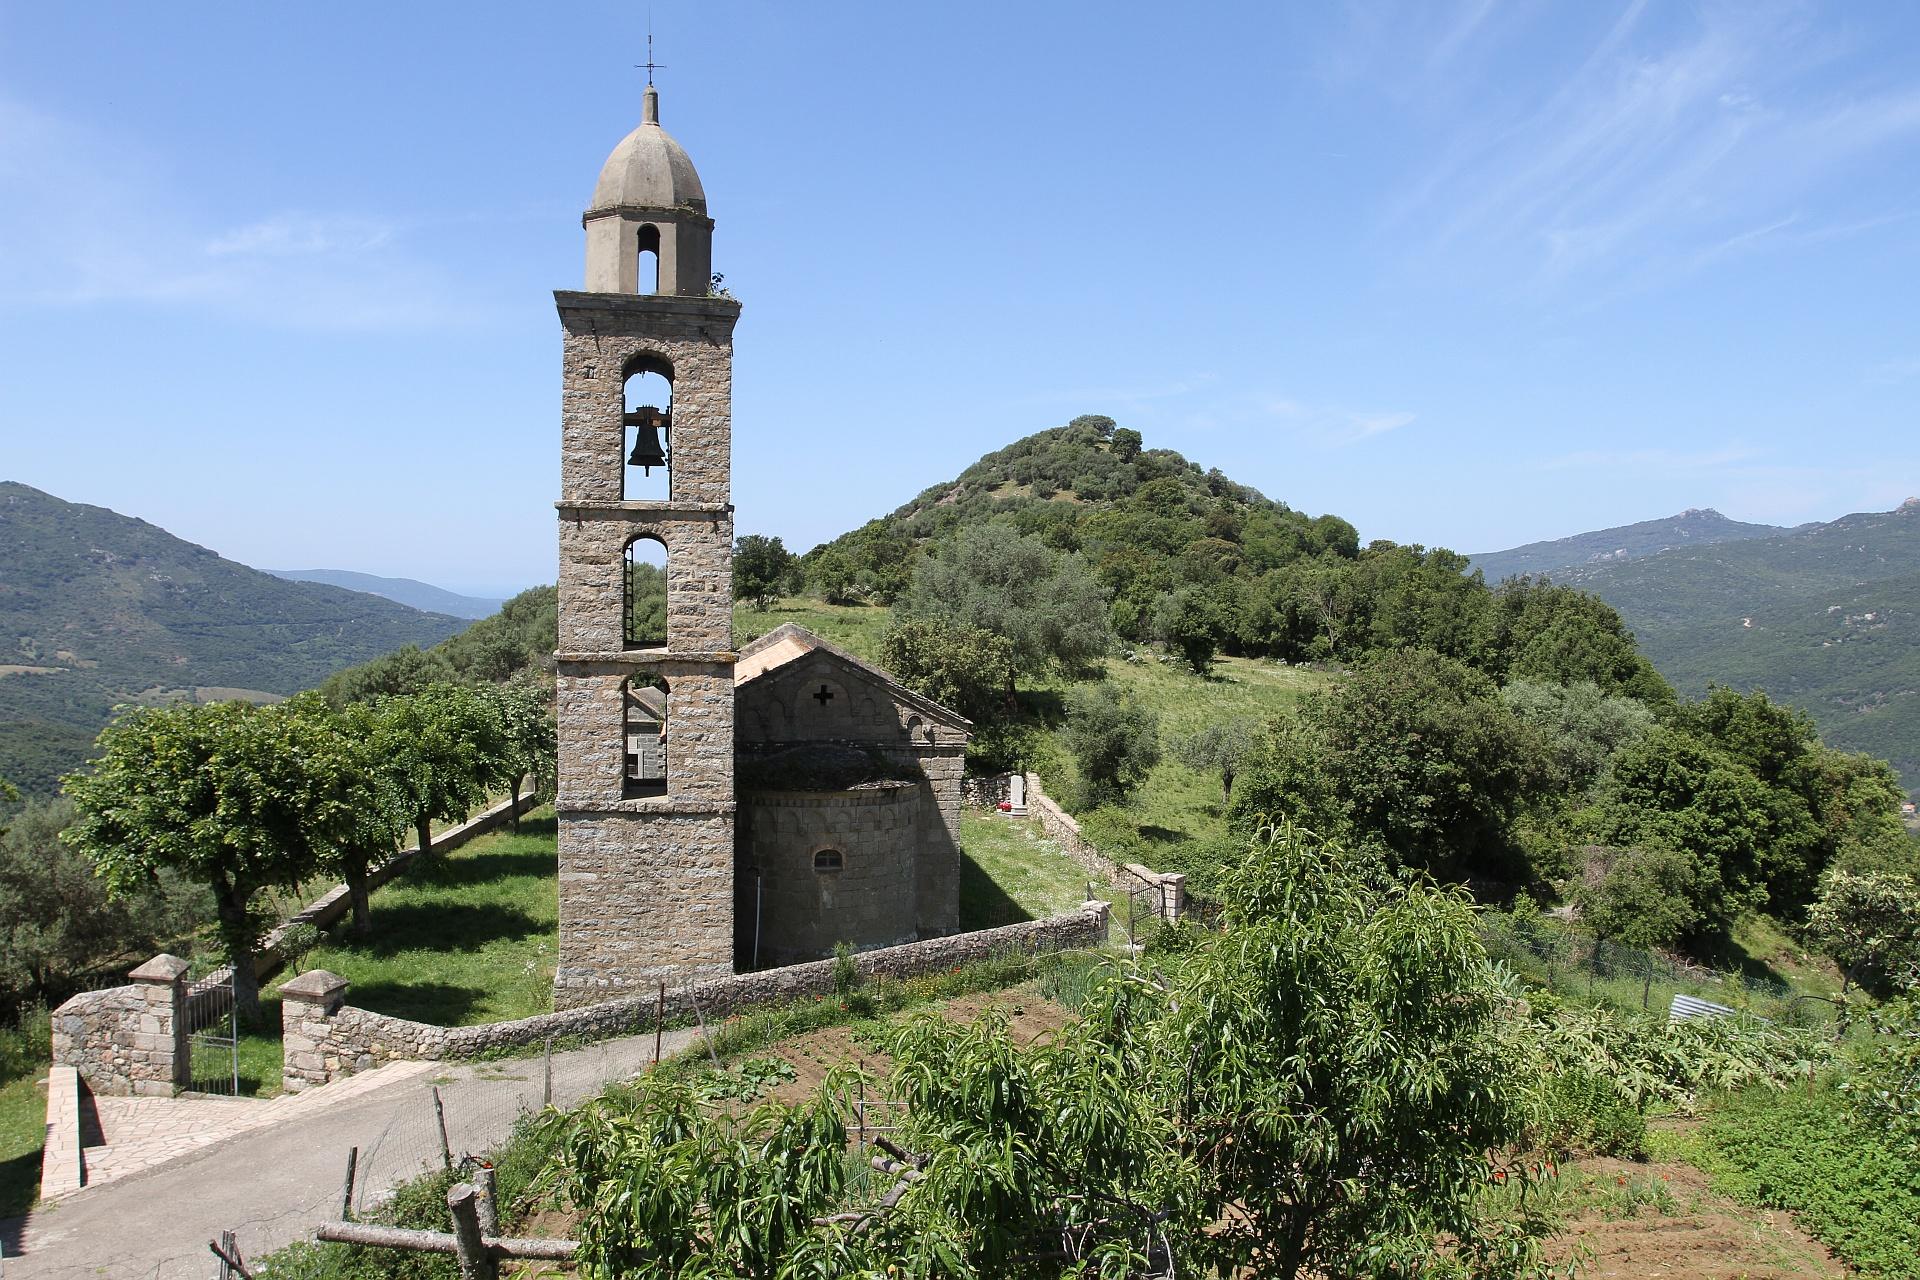 strada antica da a  rocca à l'alta rocca - Ulmetu / a Sarra di Scopamena